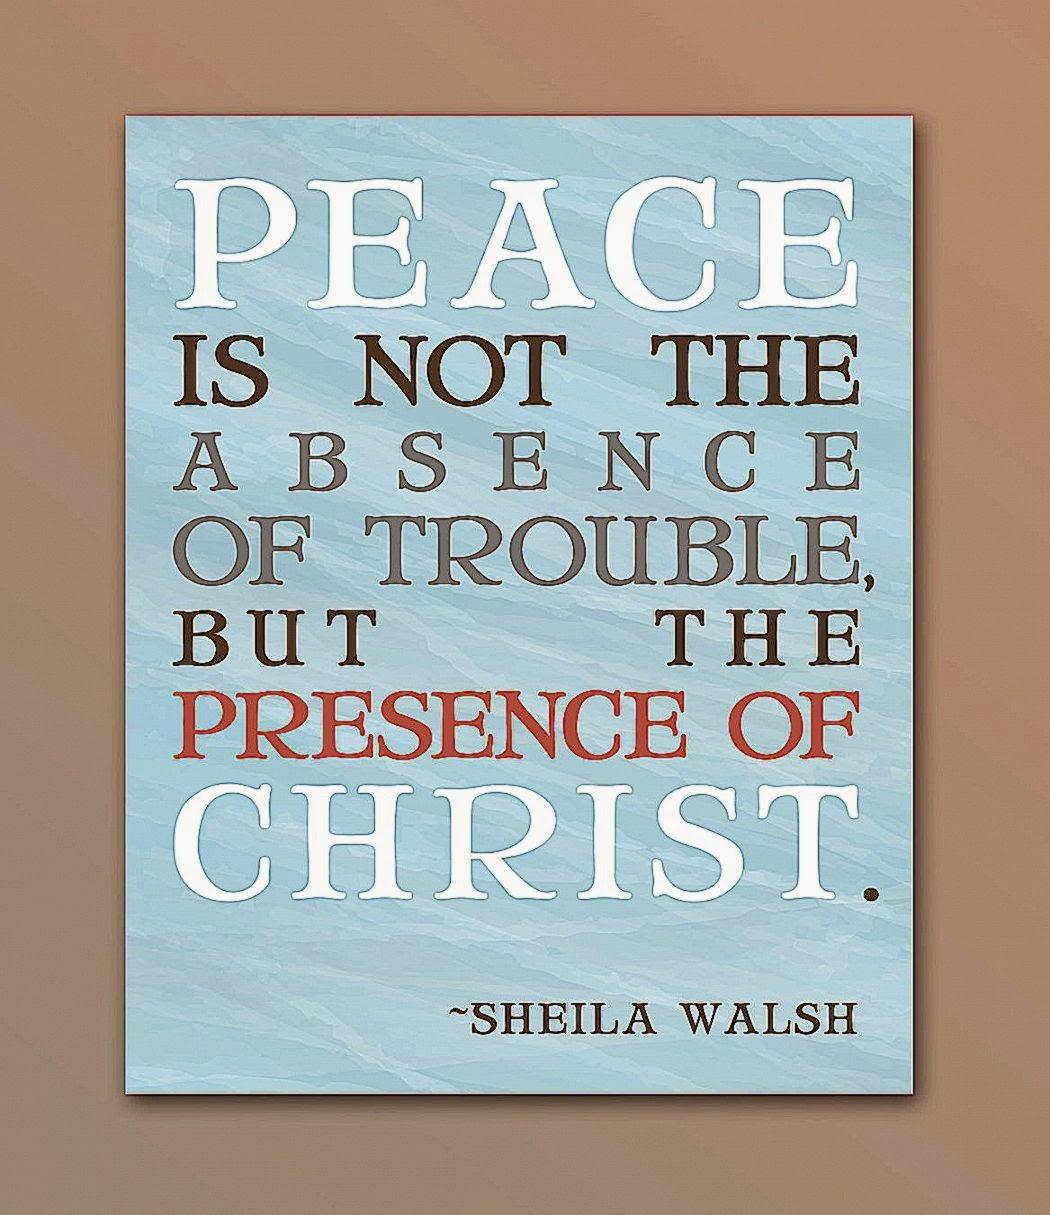 christian christmas sayings - photo #36